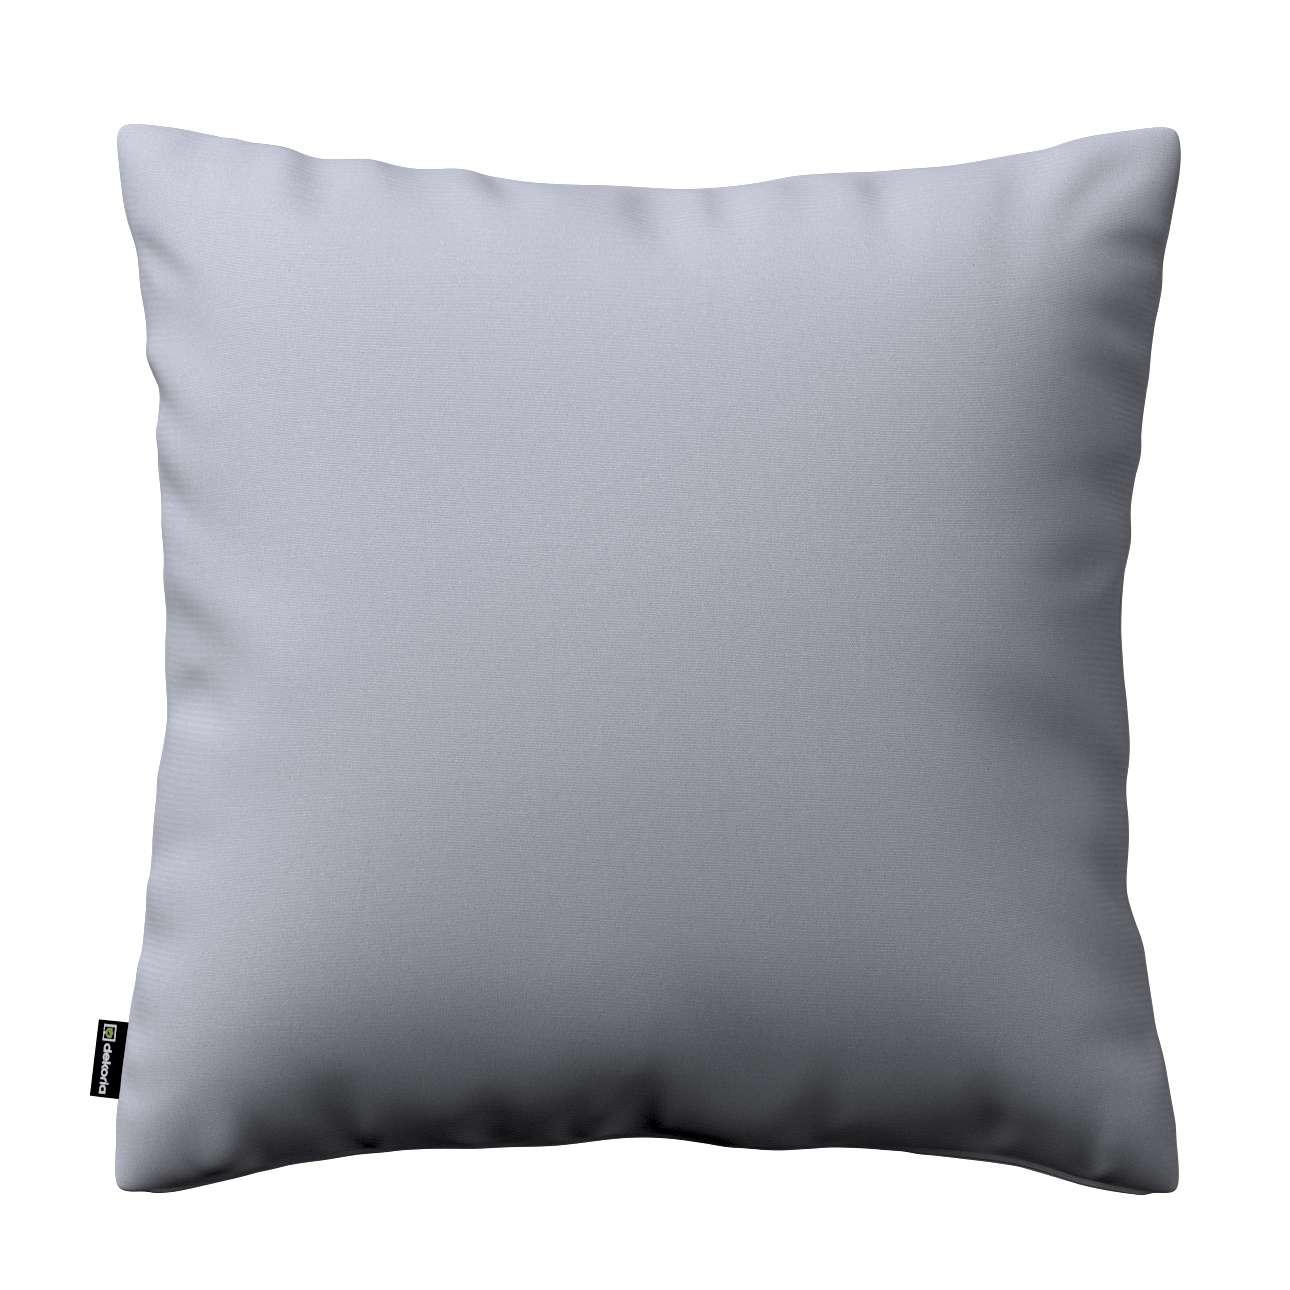 Kinga dekoratyvinės pagalvėlės užvalkalas 43 x 43 cm kolekcijoje Jupiter, audinys: 127-92